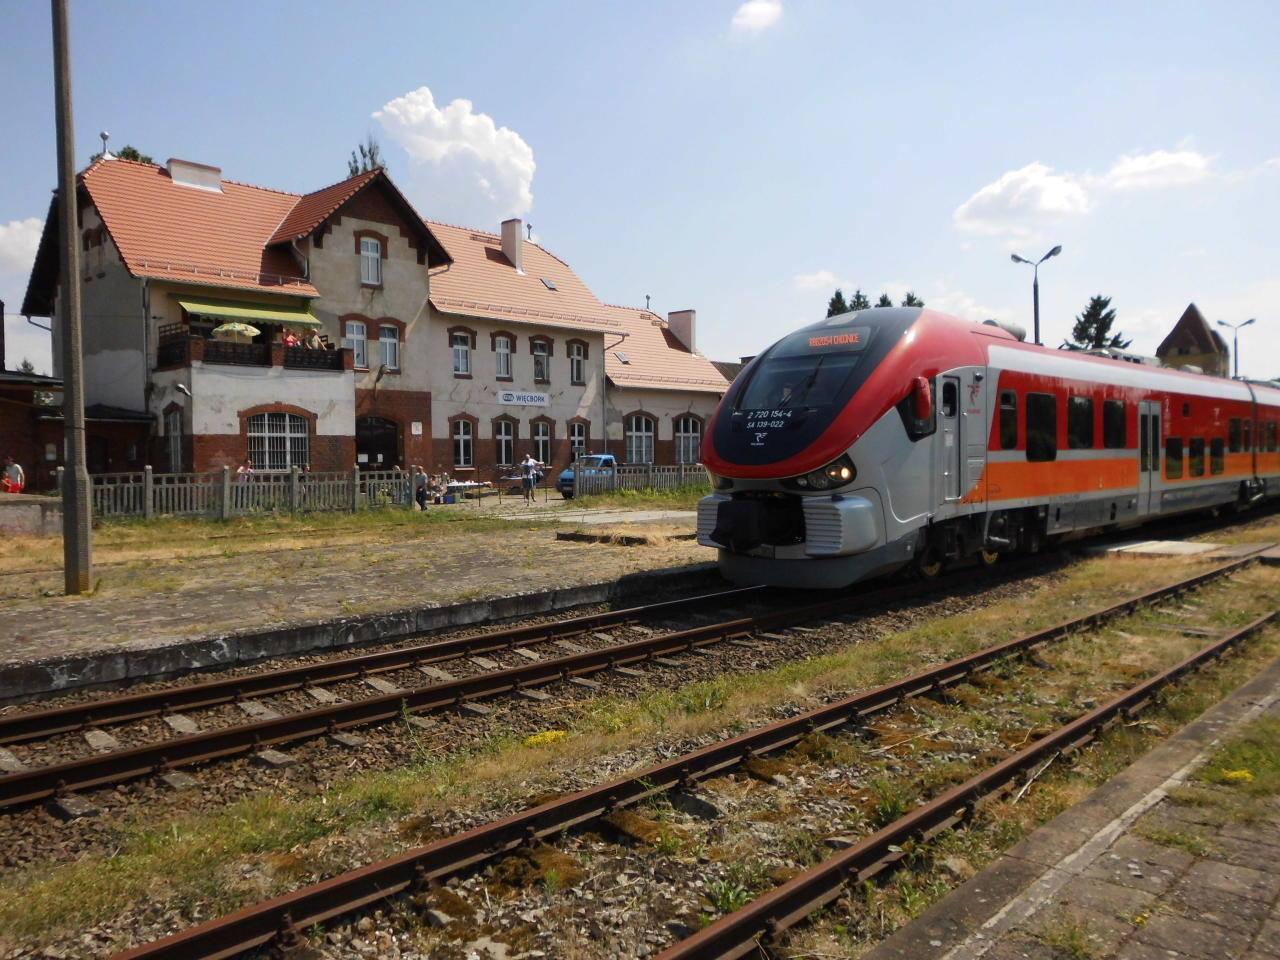 Kolejowy Dzień Dziecka 2018 r. odbył się ponownie naLK nr281 kat B istacji PKP Więcbork znajdującej się naMagistrali Kolejowej Portowej BiS Północ - Południe relacji Katowice - Więcbork - Gdynia!